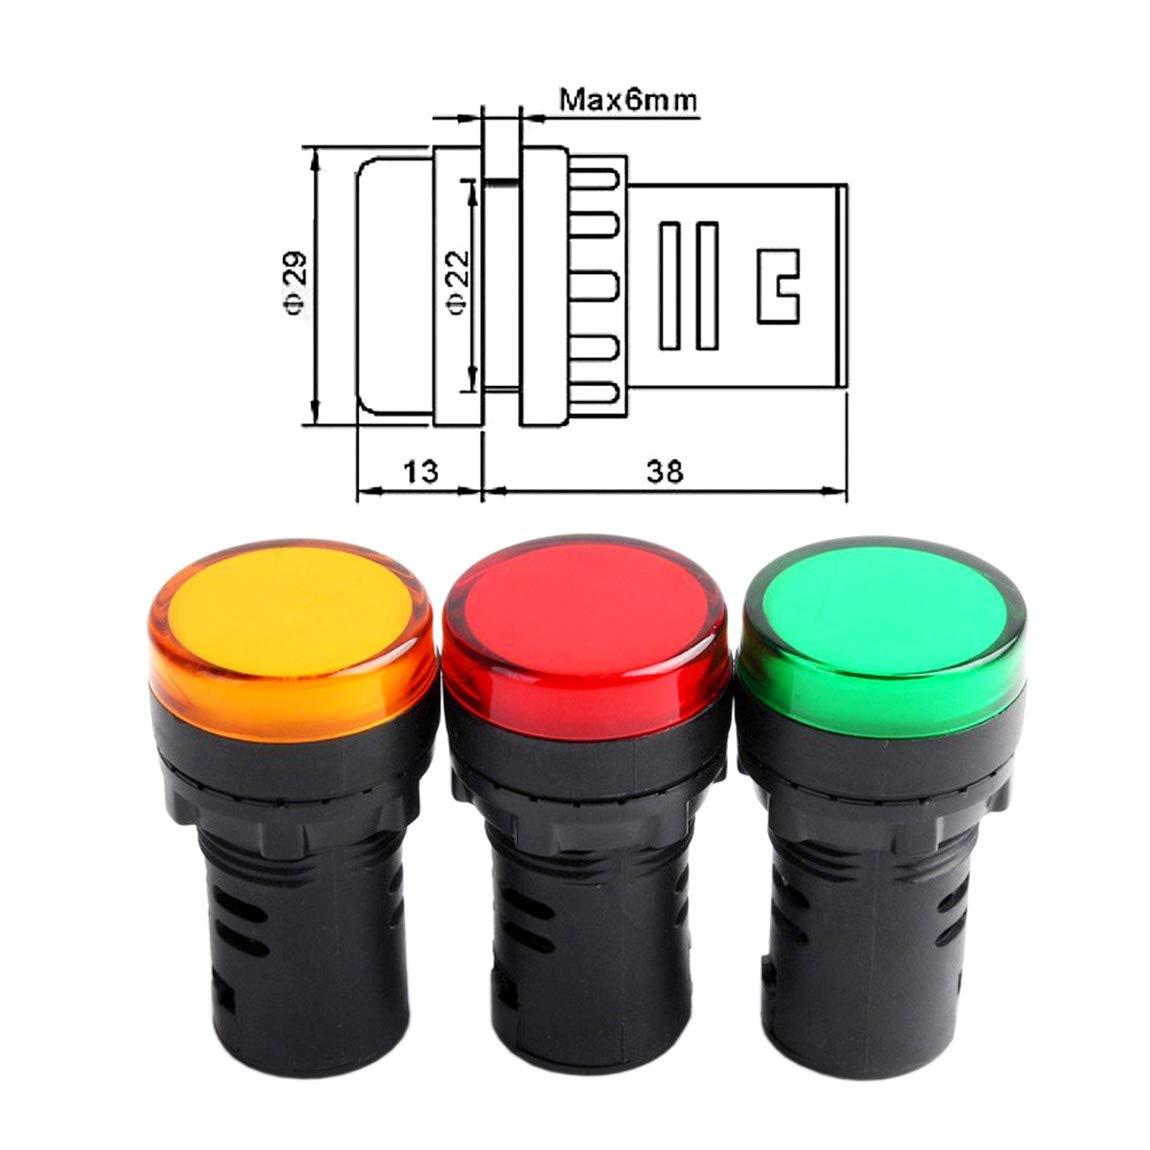 22d//S 12/VDC 20/mA Rouge Vert jaune clair Couleur Lot de 3 Heschen 22/mm Indicateur LED Lampe T/émoin Ad16